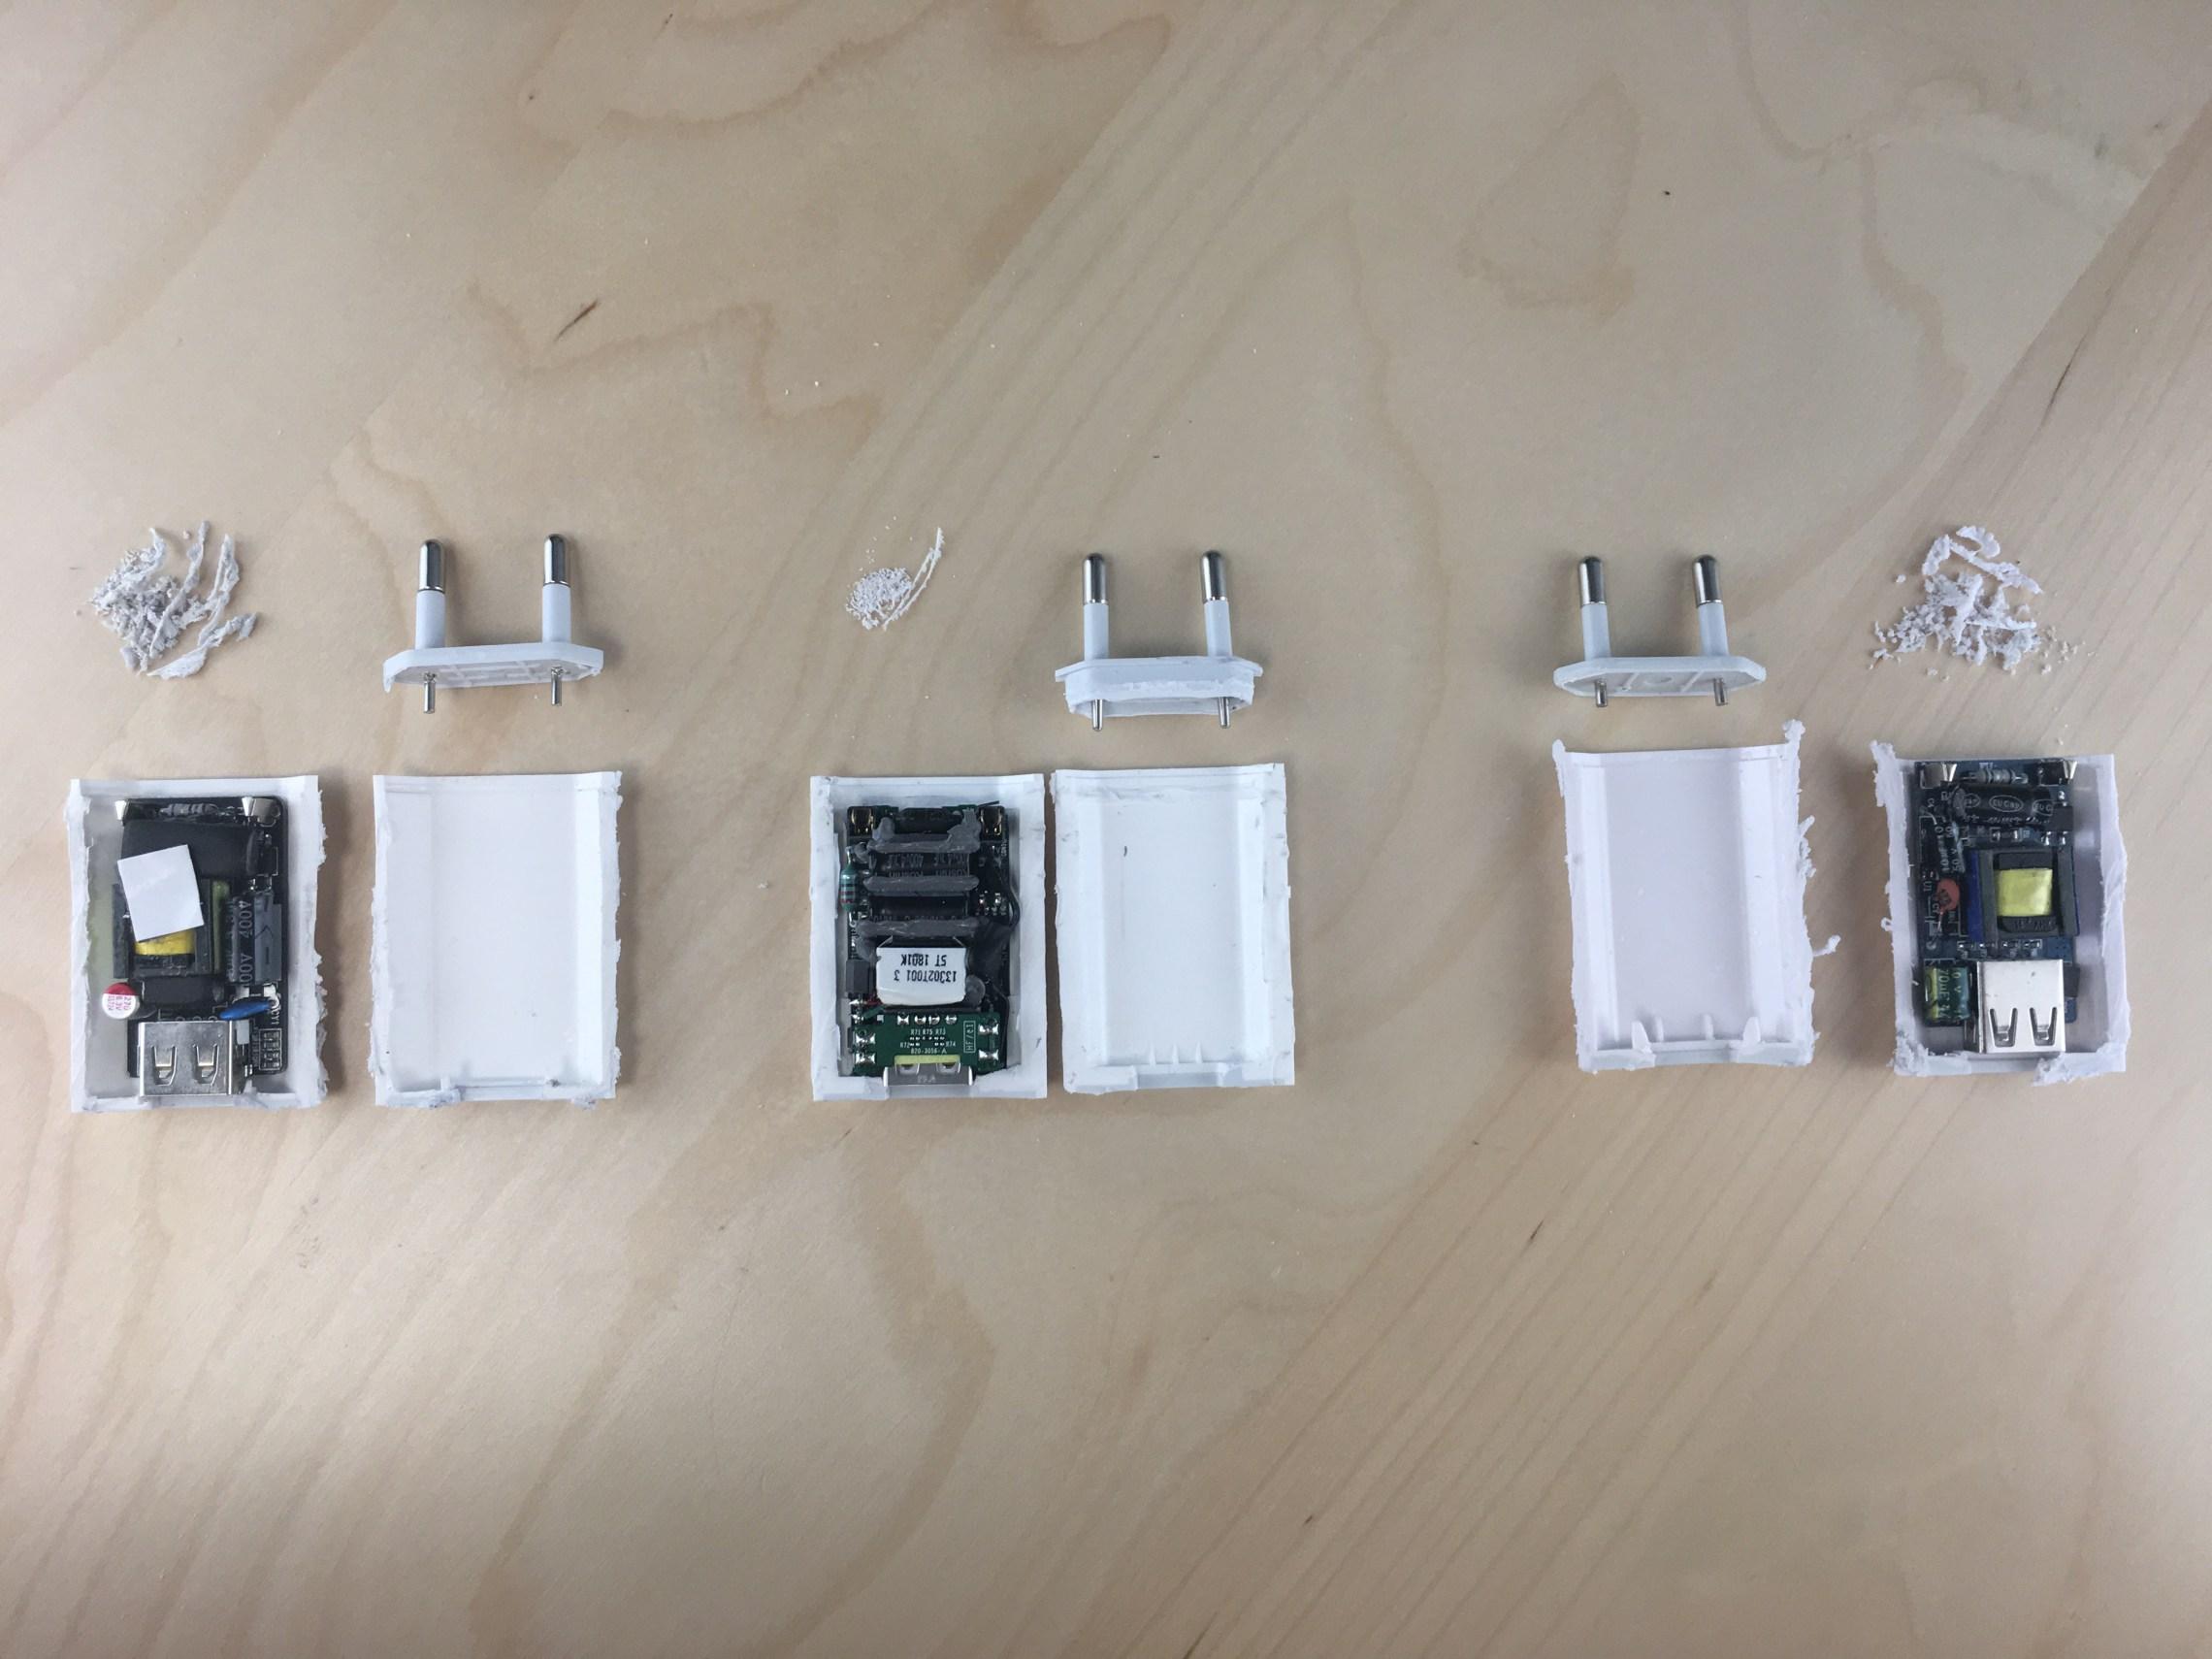 Cargador iPhone a1400 original : Cómo reconocer las copias